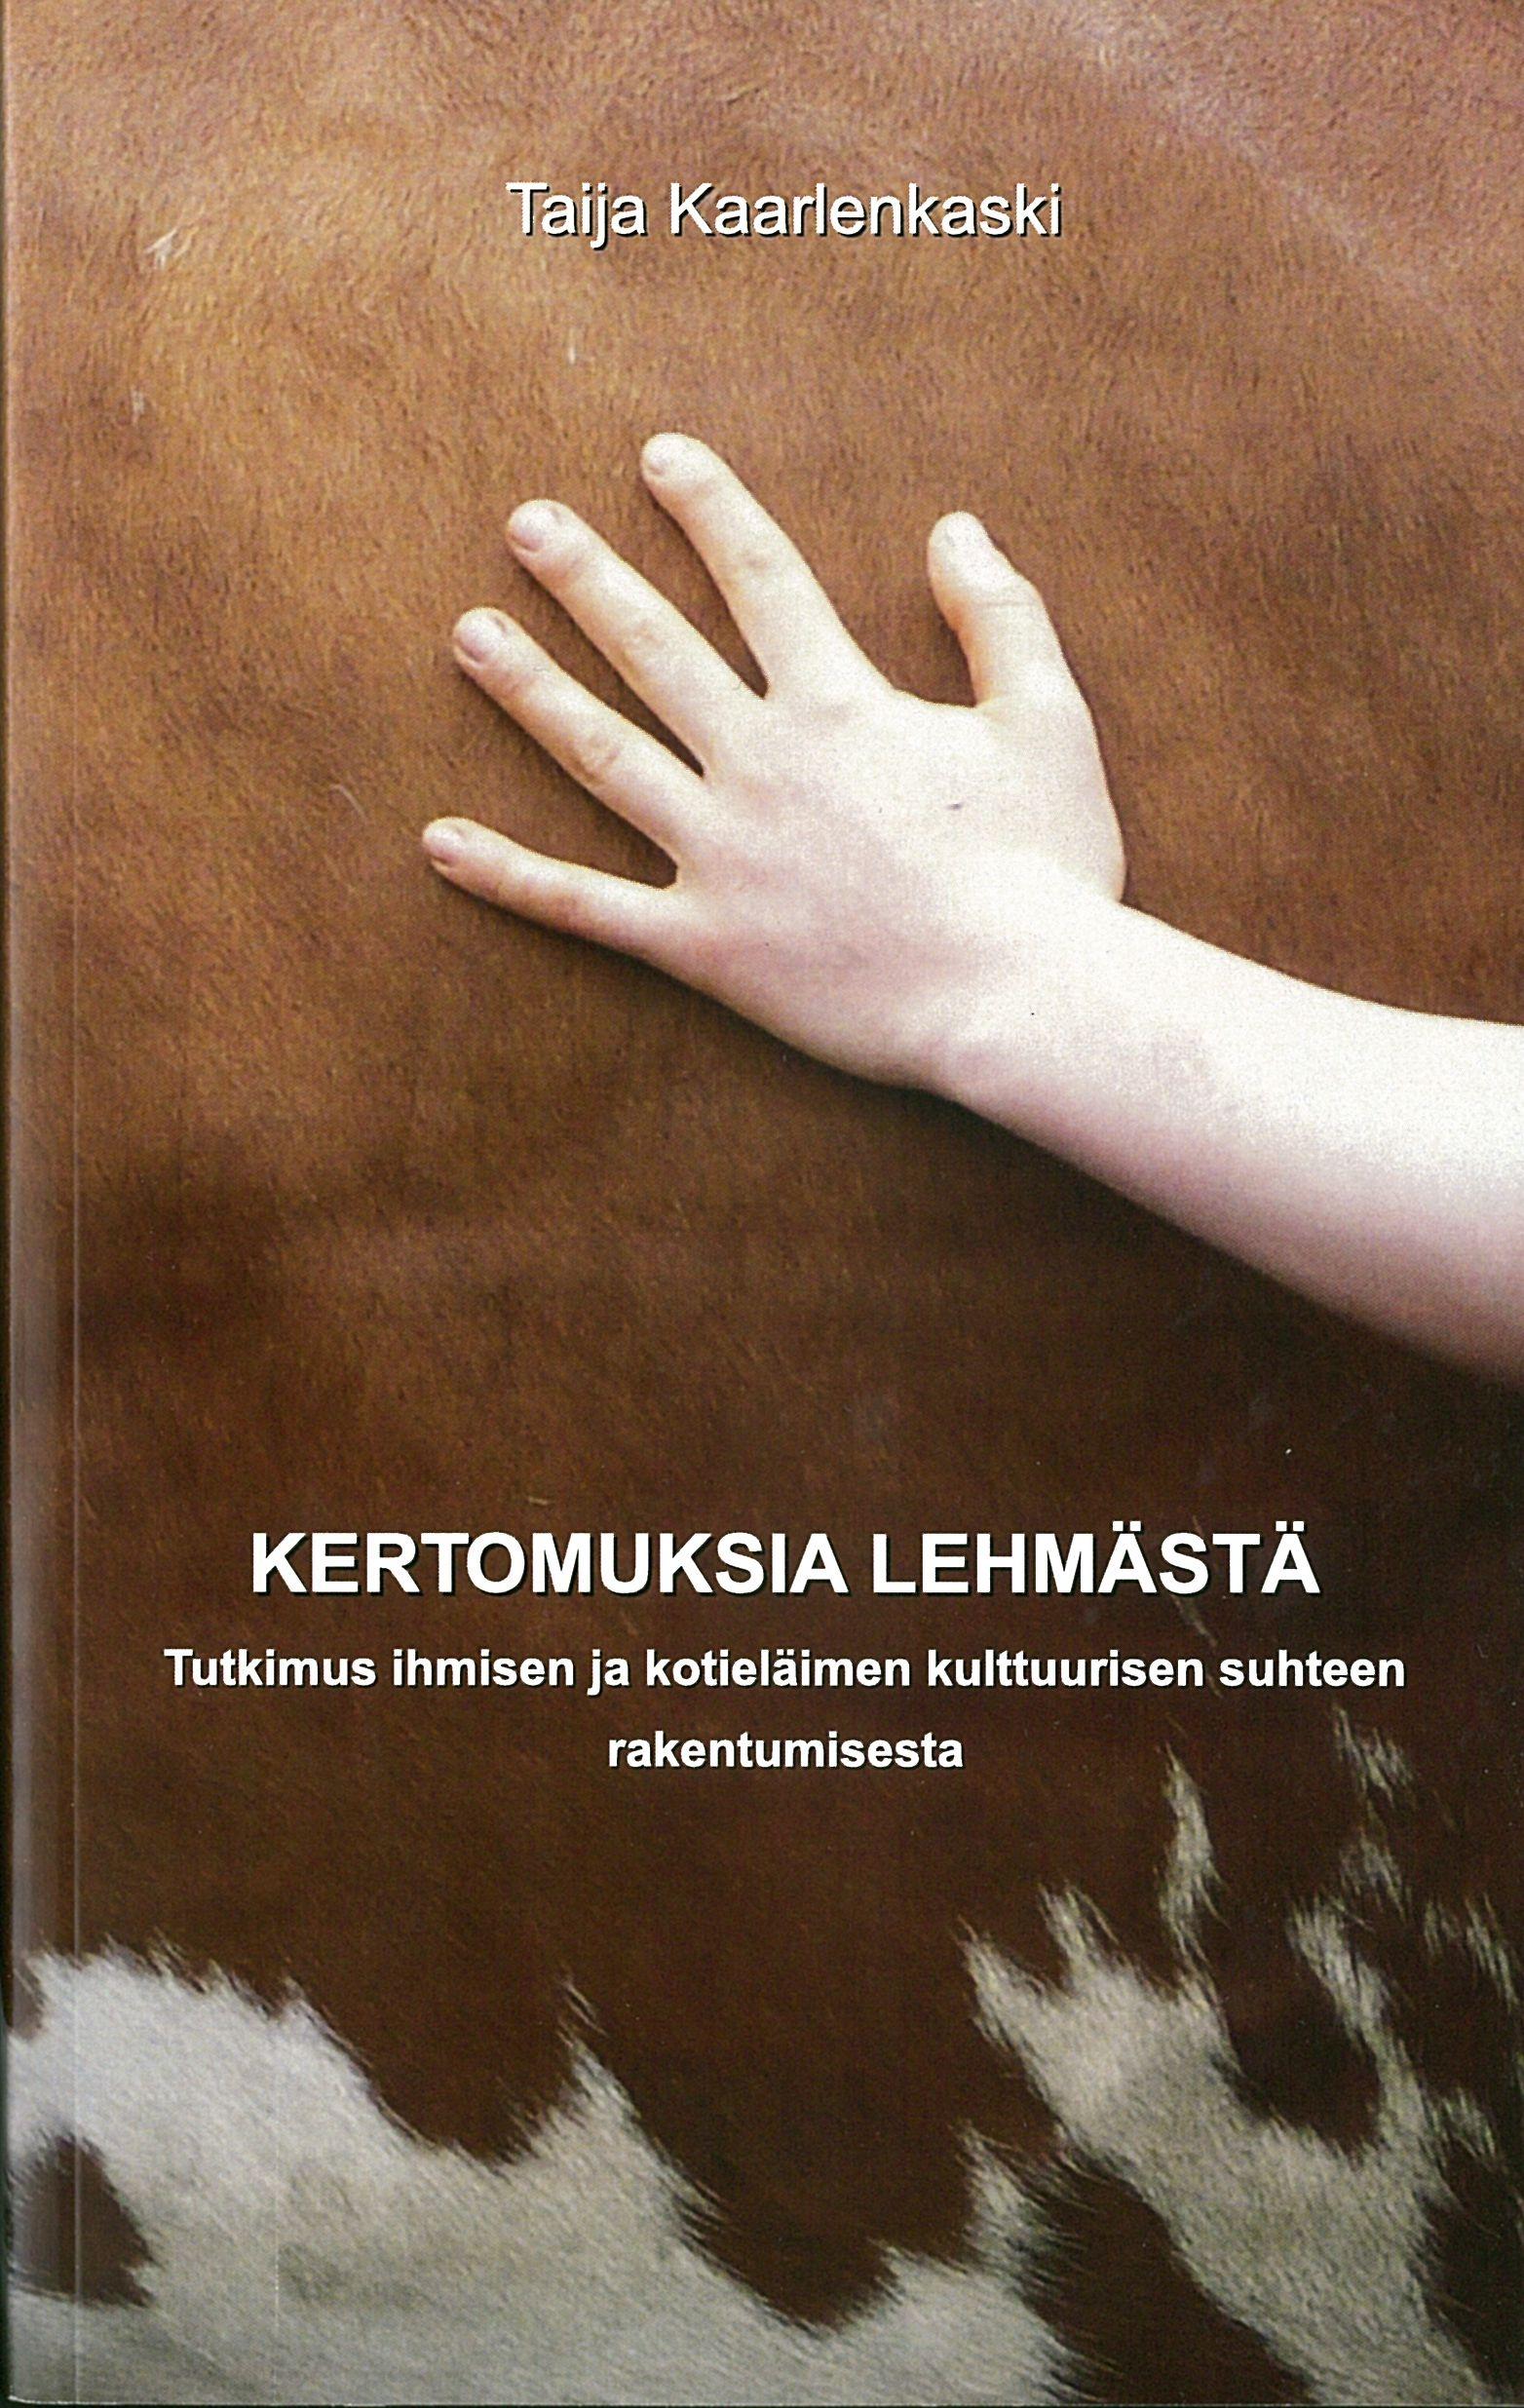 Taija Kaarlenkaski: Kertomuksia lehmästä